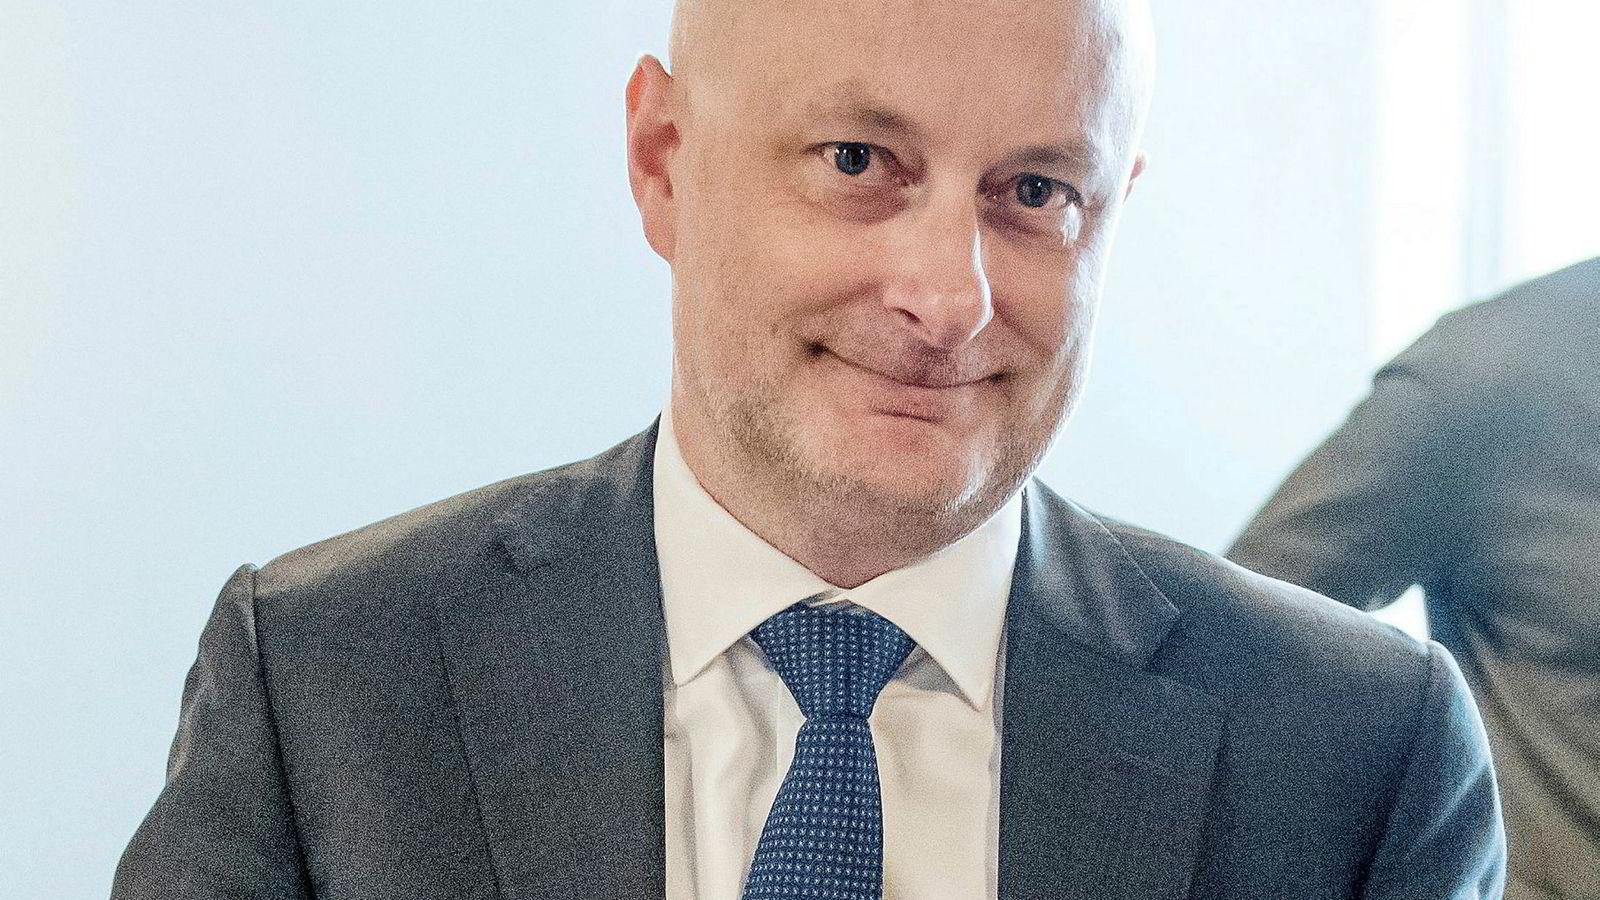 Pareto-topp Ole Henrik Bjørge sier han ikke har bestemt seg for hva han skal begynne med. – Jeg skal bruke god tid på å vurdere hva jeg skal gjøre videre, men jeg har ikke tenkt å pensjonere meg, sier Bjørge til DN.